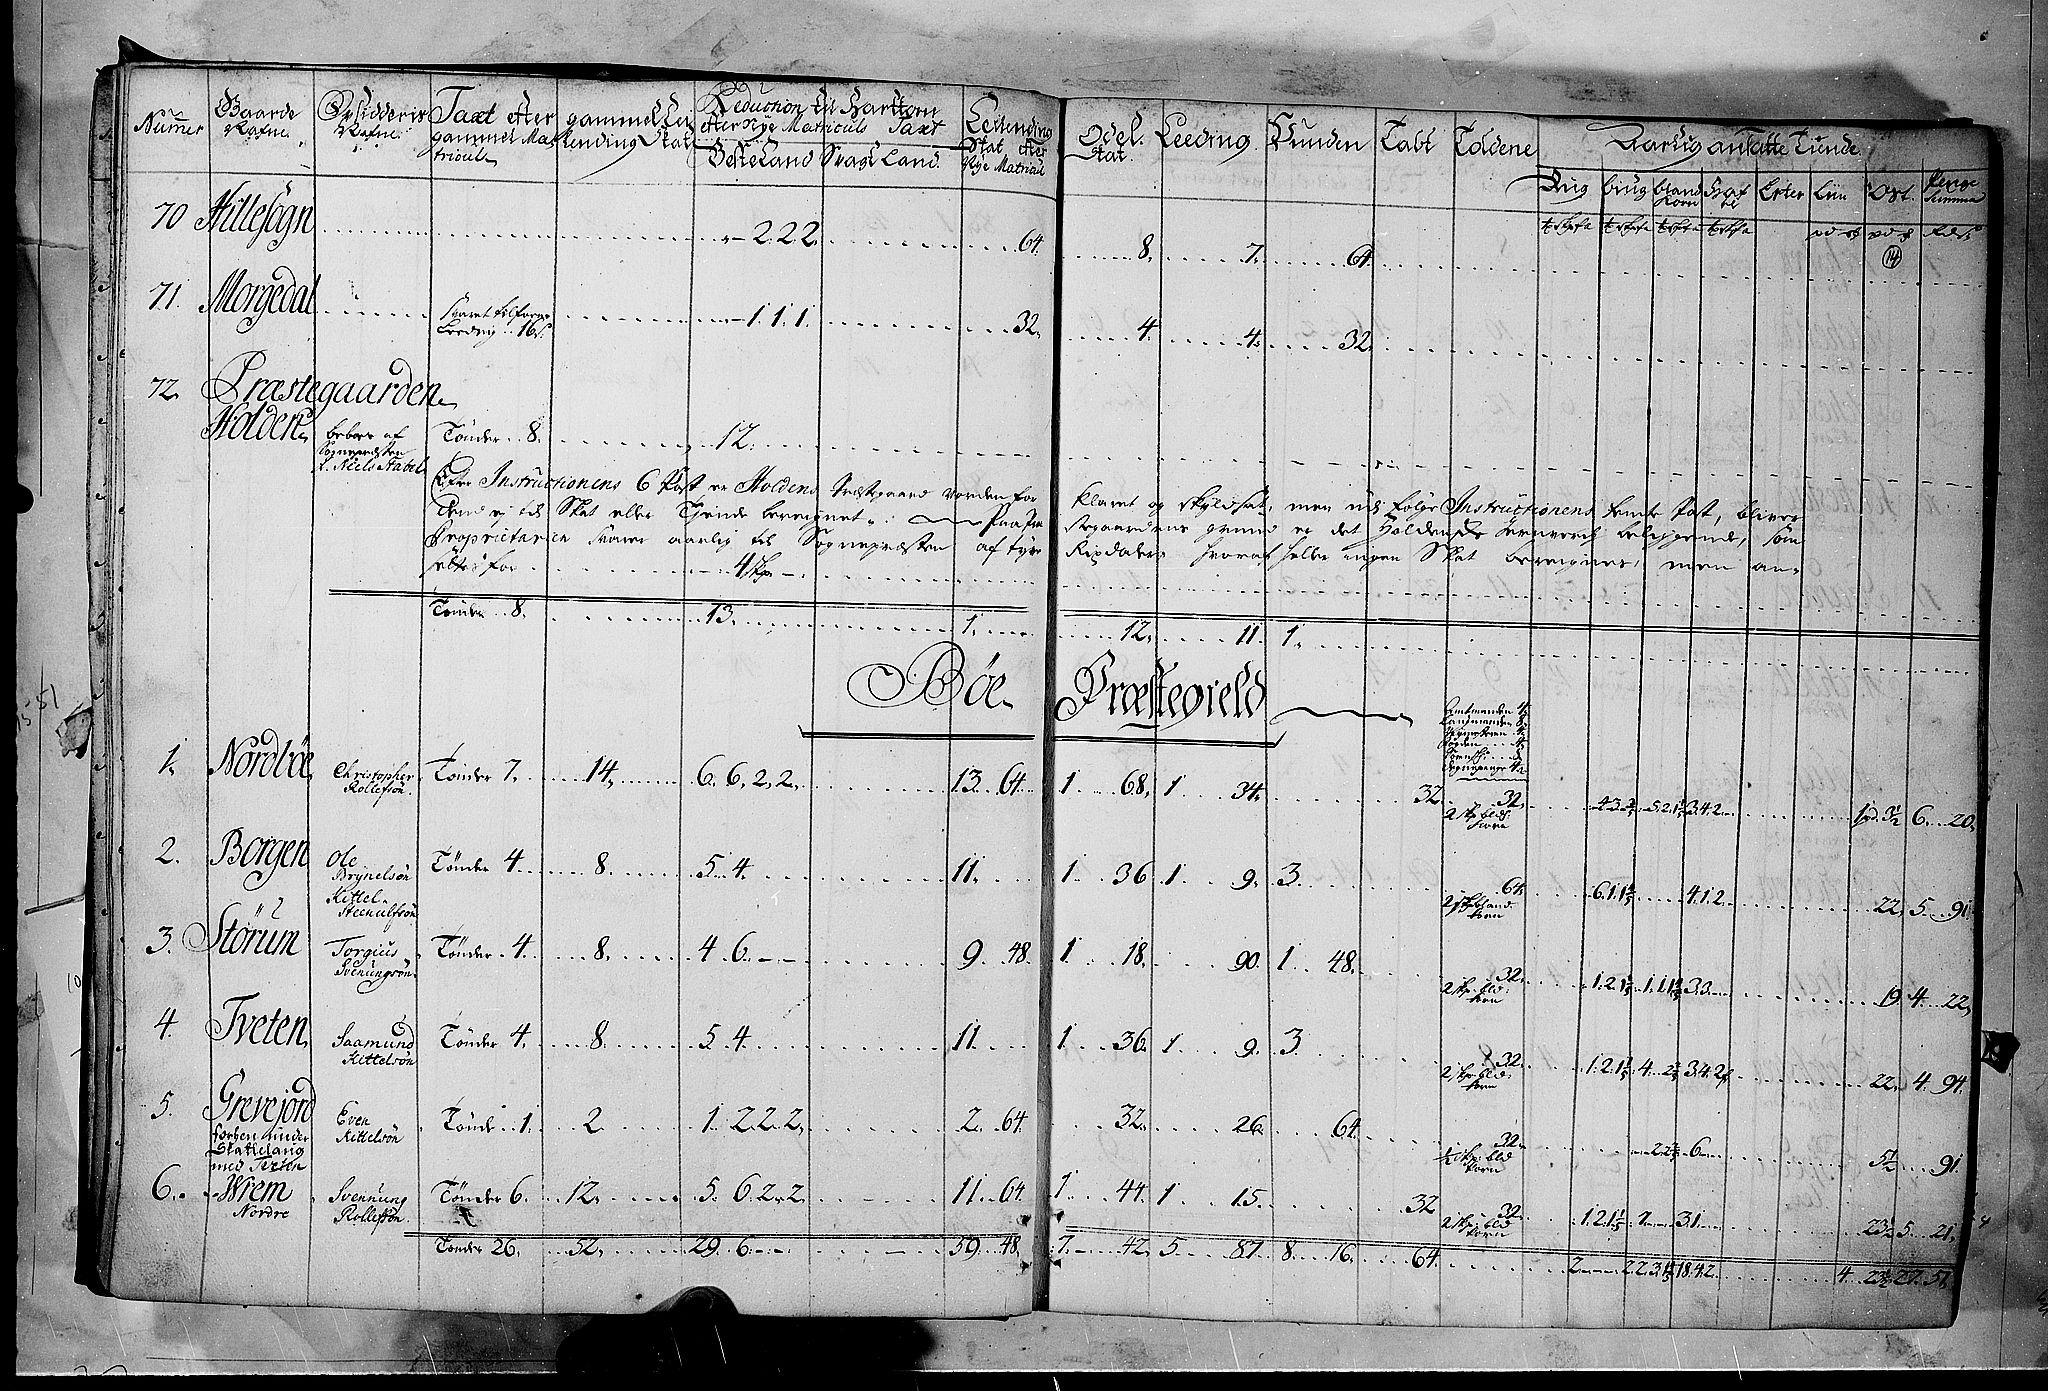 RA, Rentekammeret inntil 1814, Realistisk ordnet avdeling, N/Nb/Nbf/L0122: Øvre og Nedre Telemark matrikkelprotokoll, 1723, s. 13b-14a